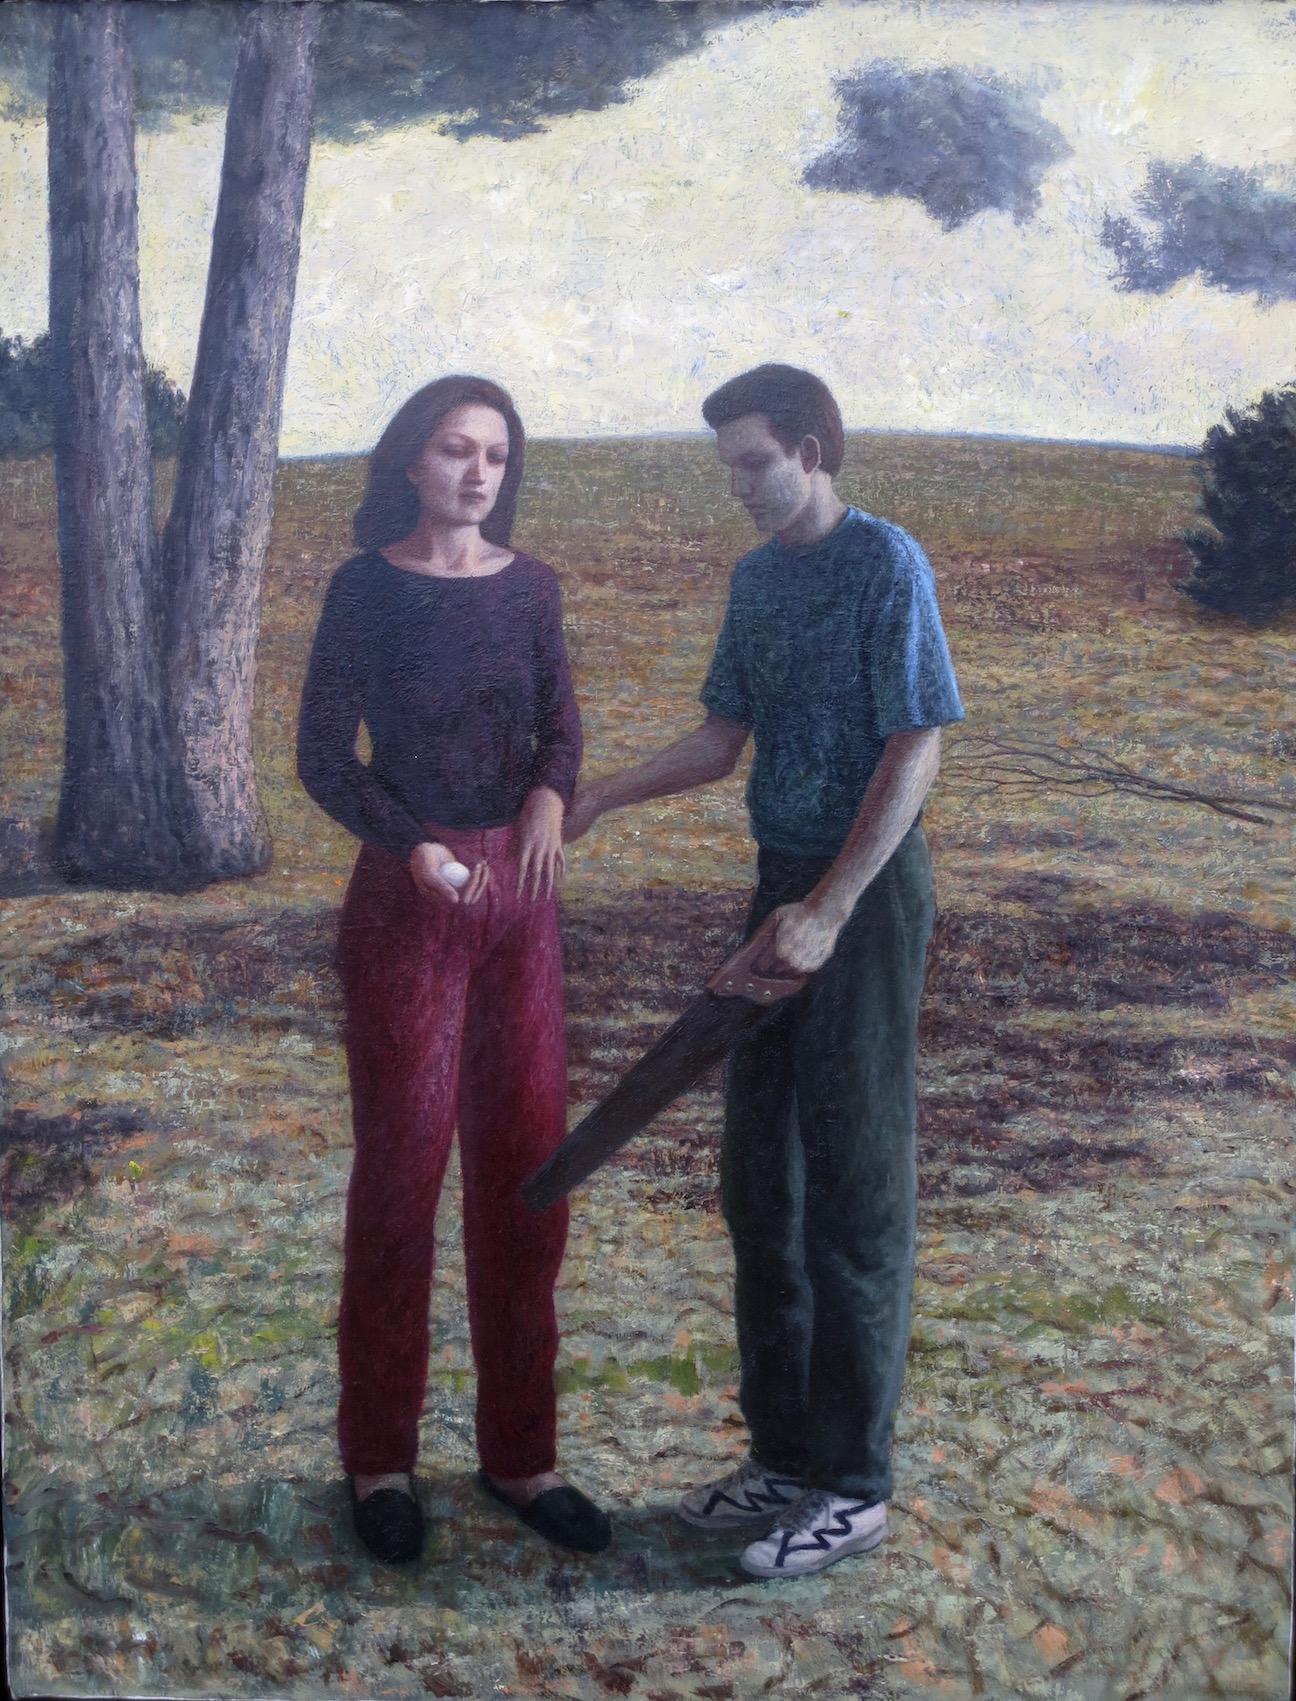 Cut, 1998